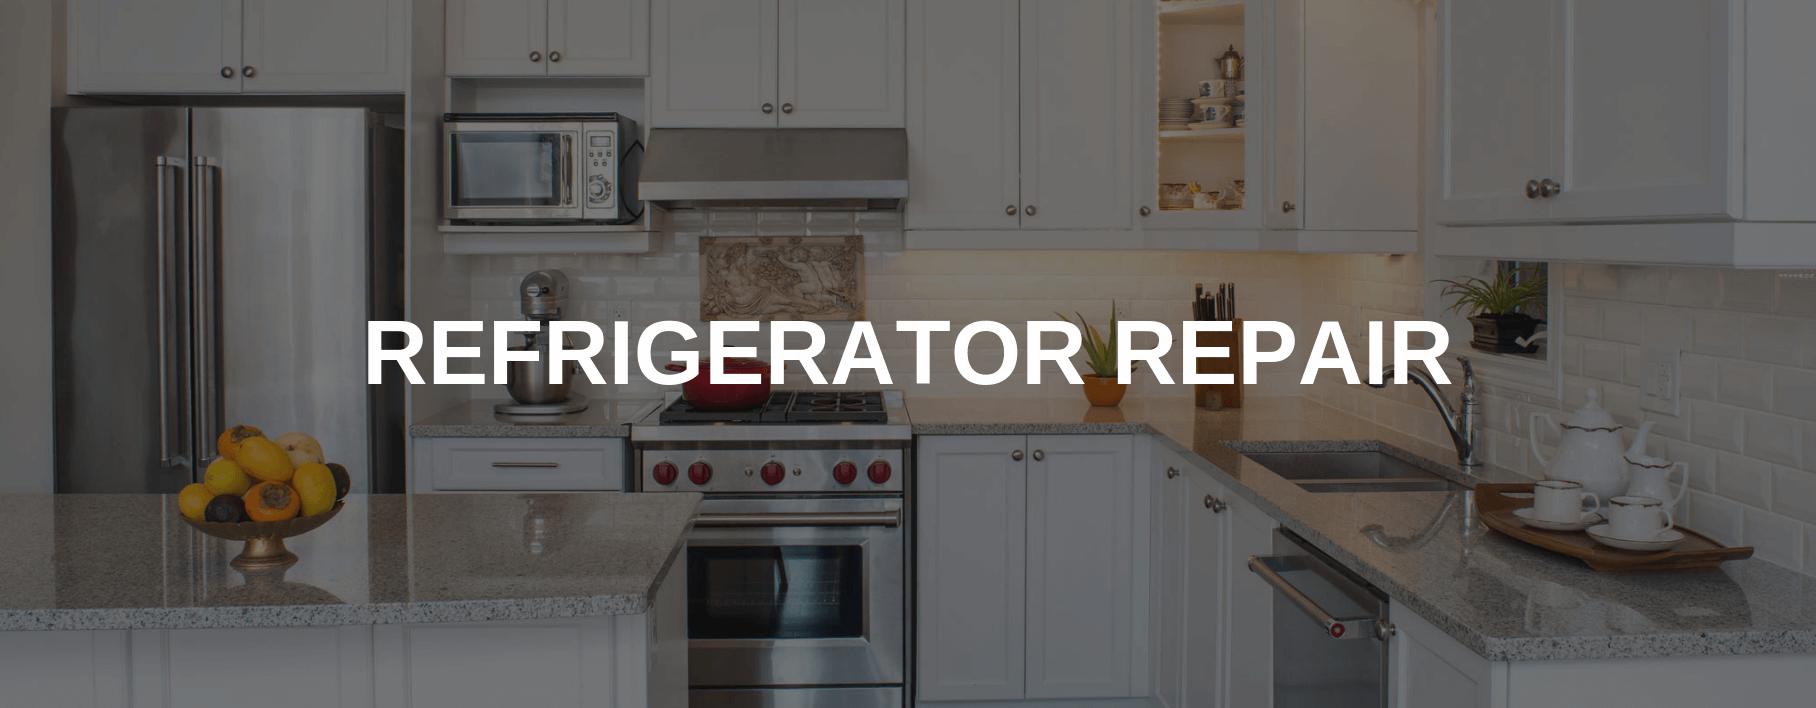 bellevue refrigerator repair